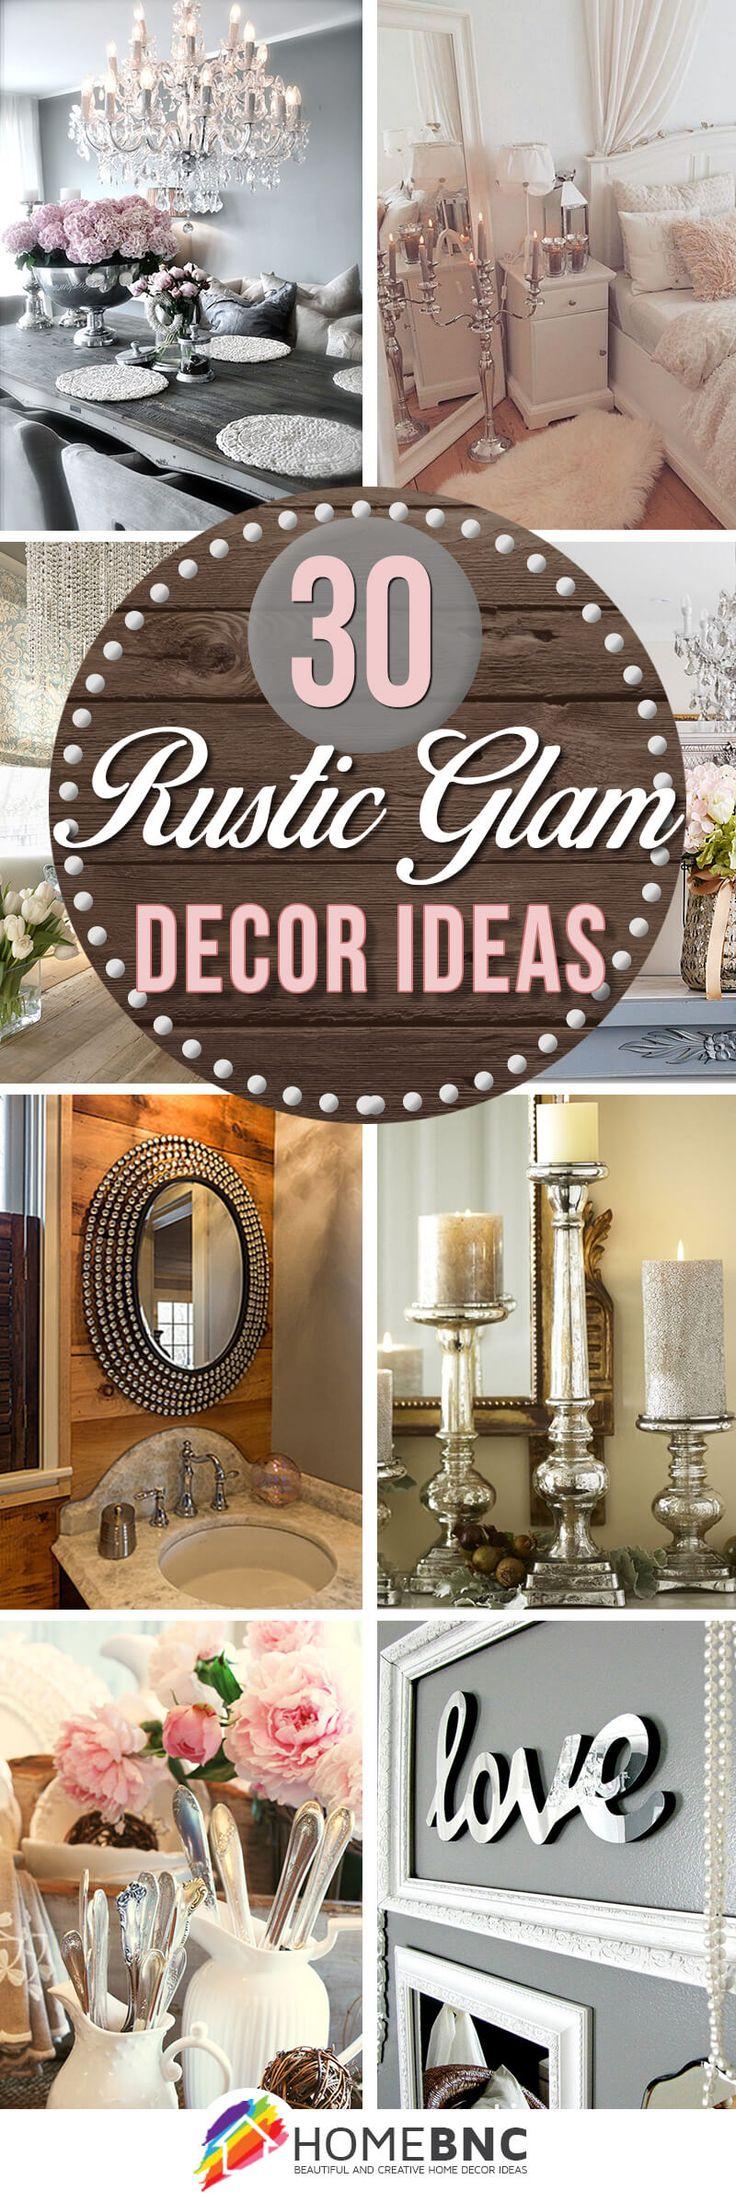 Rustic chic bathroom - 30 Elegant And Antique Inspired Rustic Glam Decorations